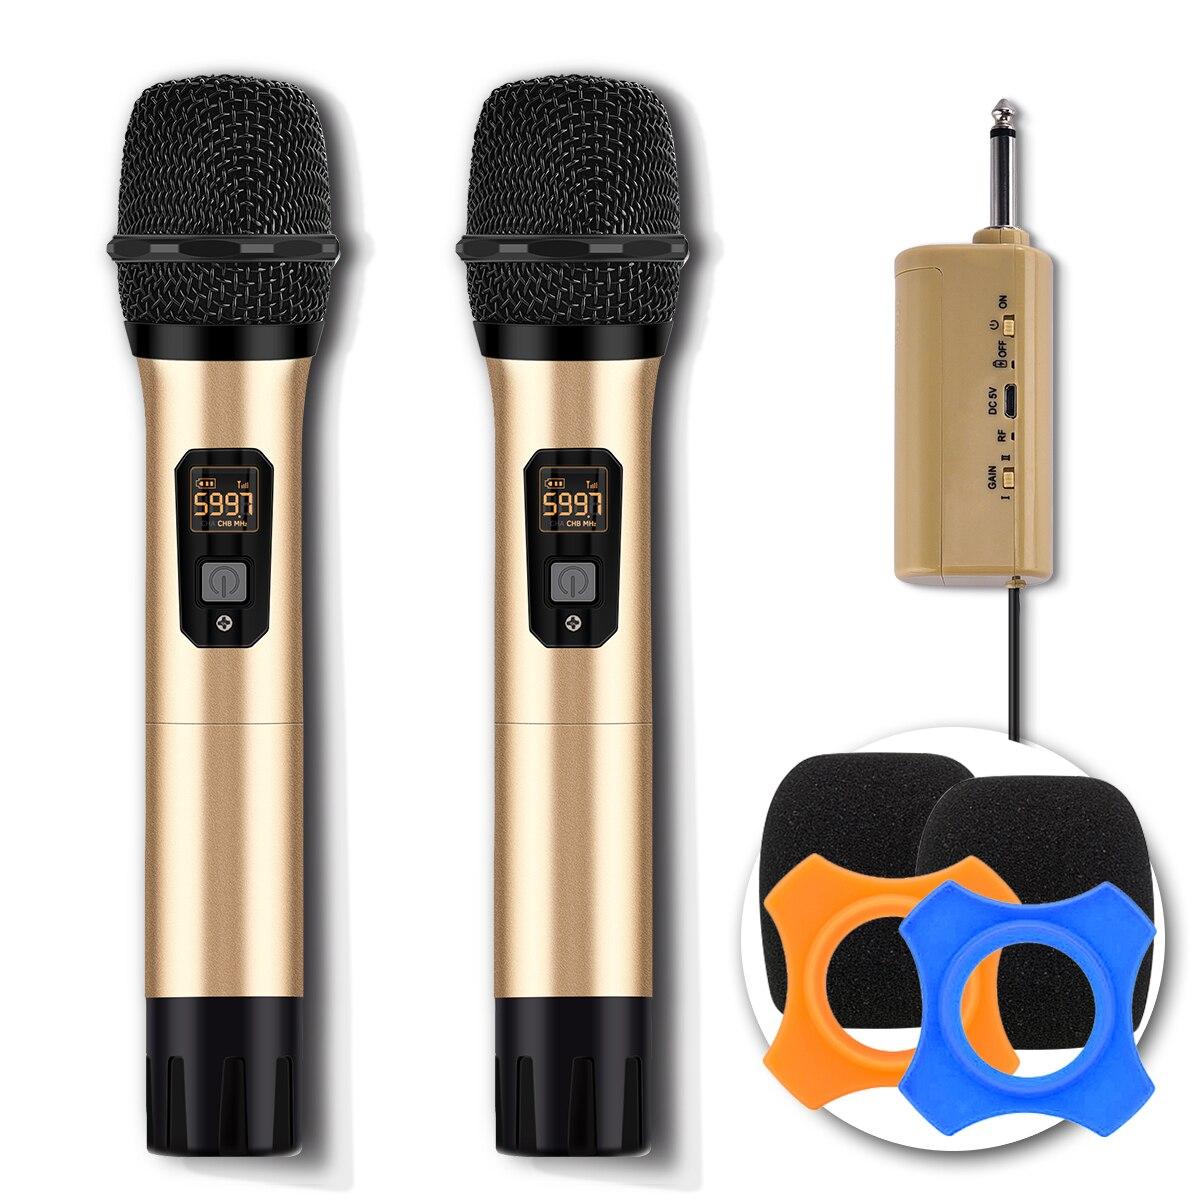 Système de Microphone sans fil double micro dynamique portable UHF avec adaptateur 3.5mm (double micro) pour ordinateur système karaoké KTV